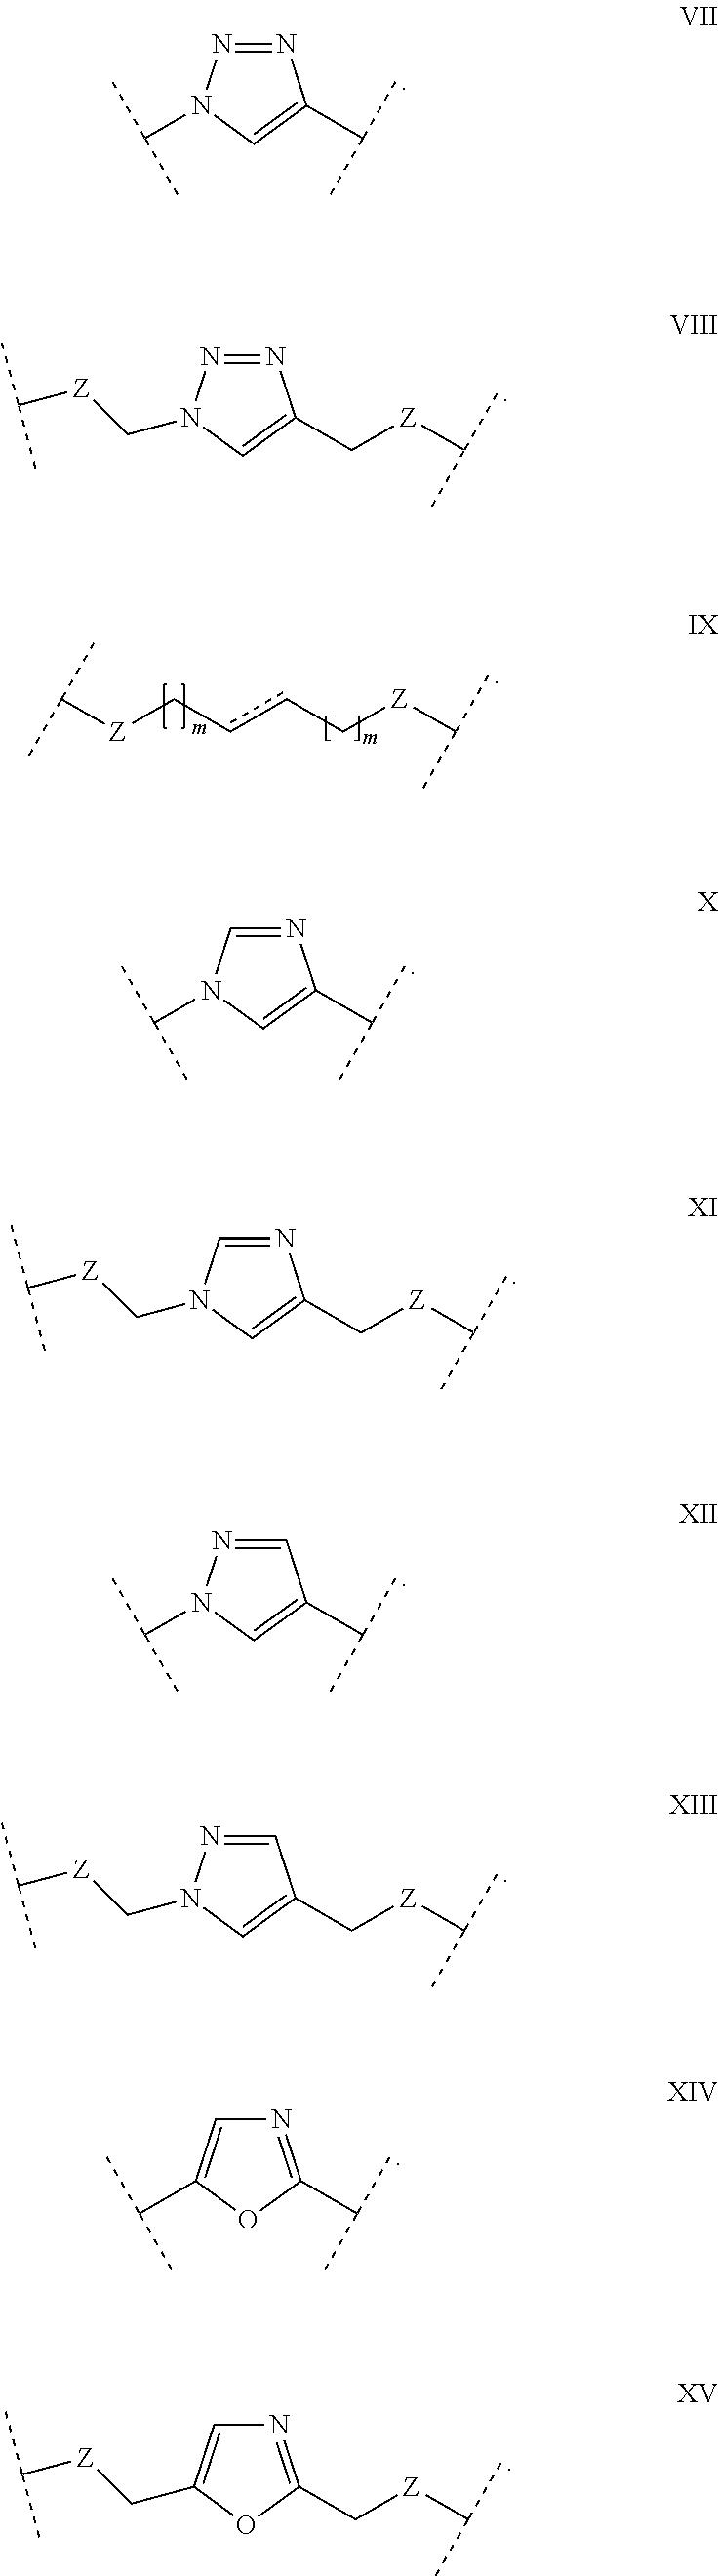 Figure US09644004-20170509-C00006